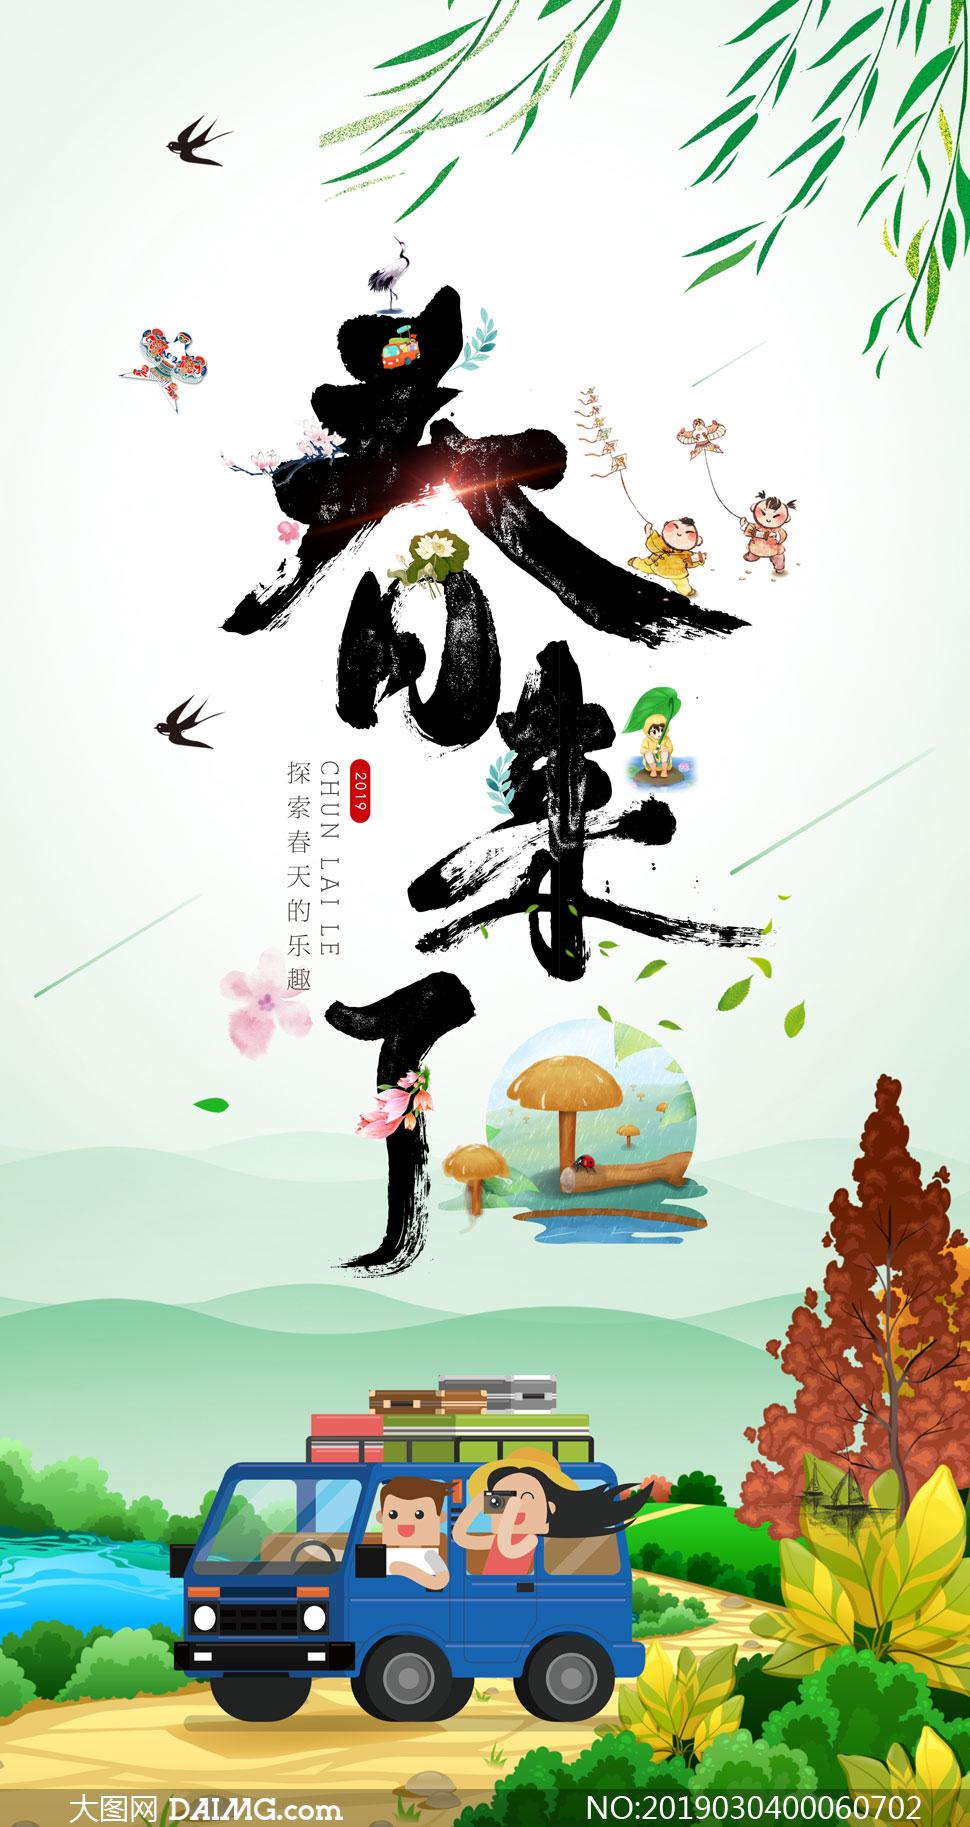 春季自駕游宣傳海報設計矢量素材